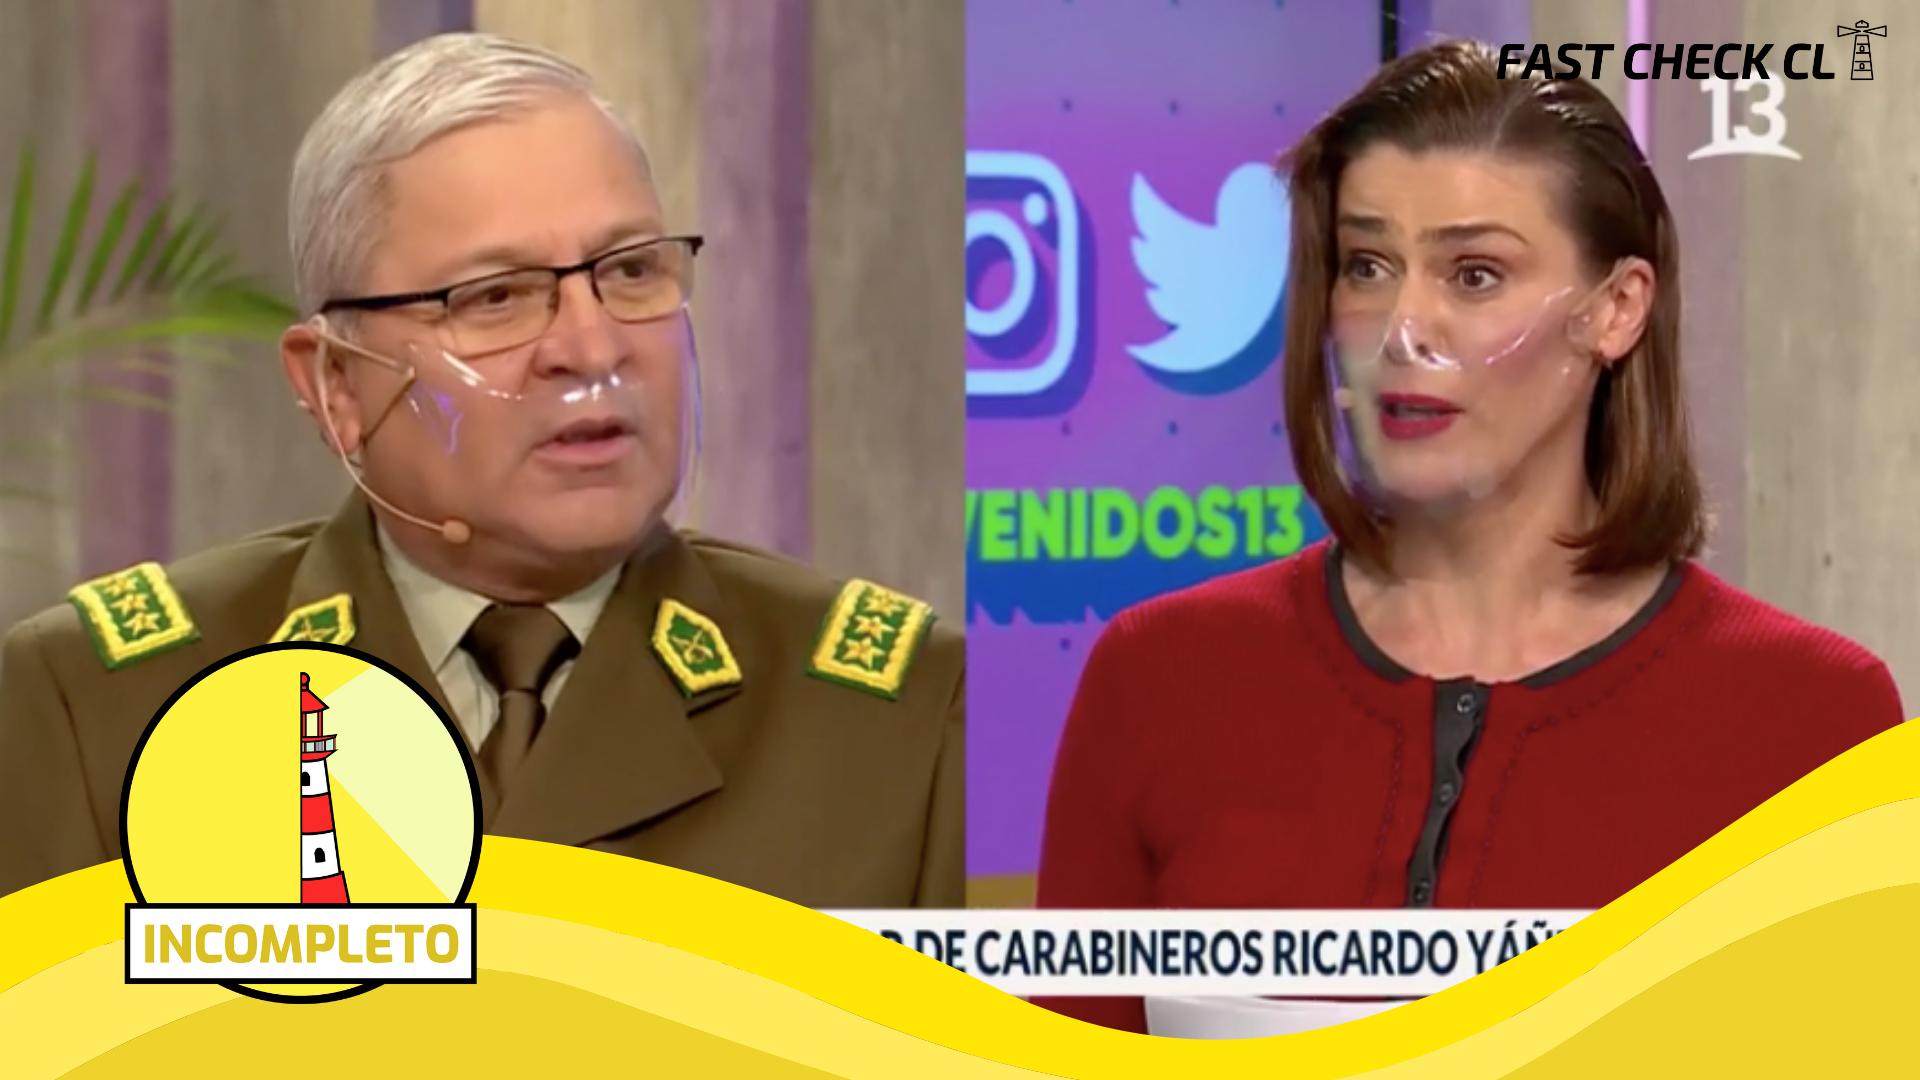 """Read more about the article """"Nosotros tenemos 5 funcionarios (carabineros) que perdieron la vista, 86 quemados con ácido y bombas molotov y 156 heridos a bala"""": #Incompleto"""